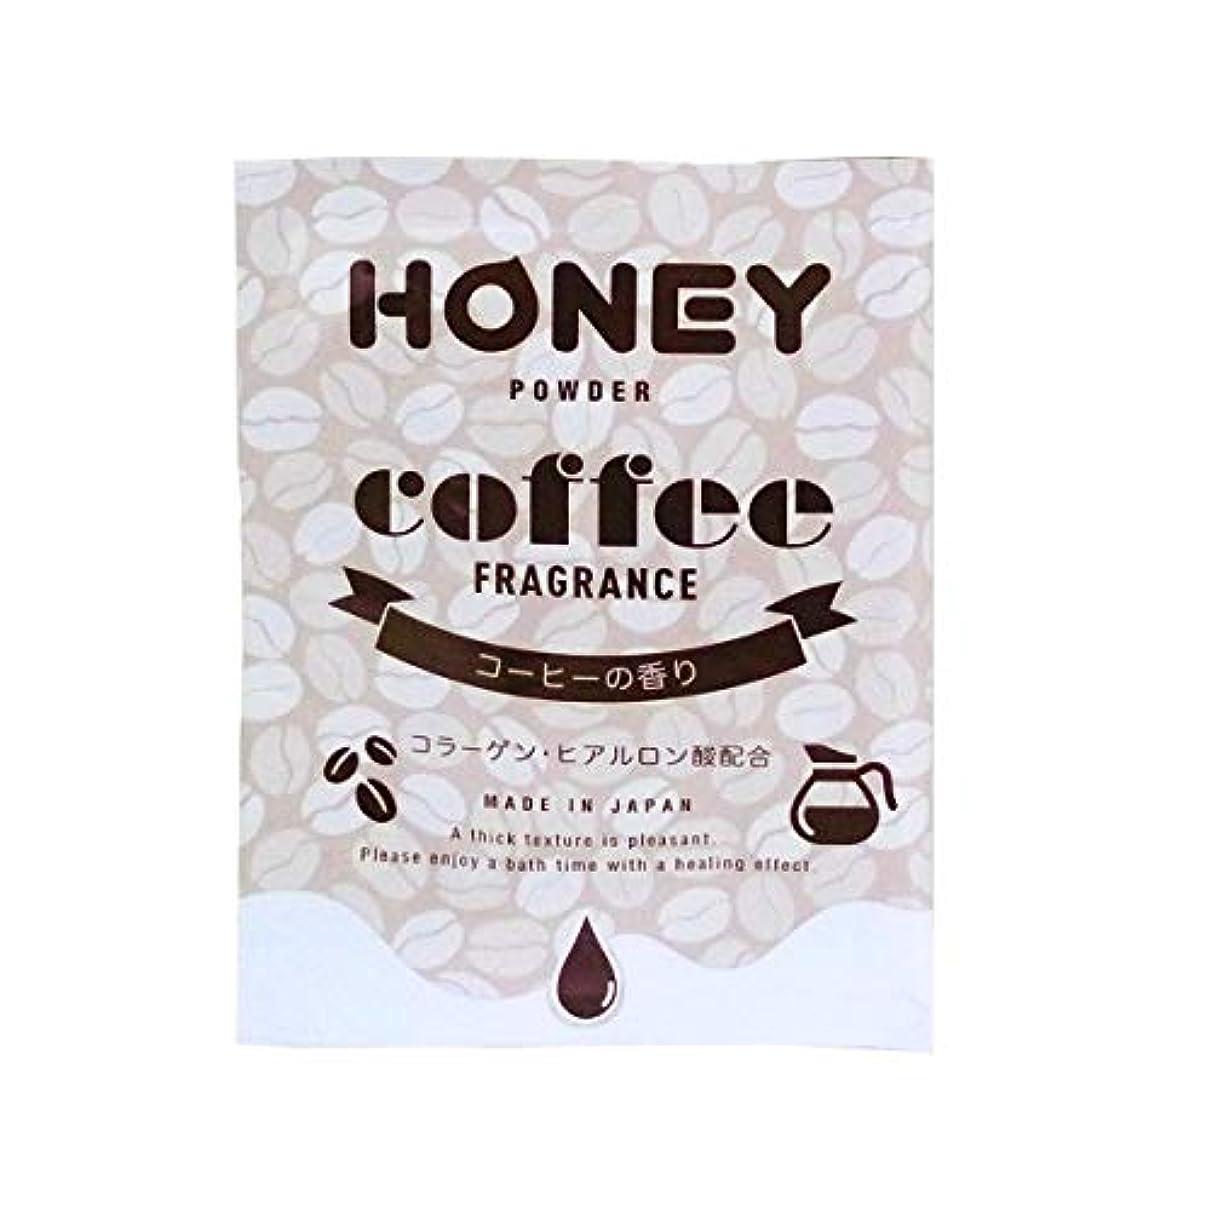 エゴマニアチャンピオンアウターとろとろ入浴剤【honey powder】(ハニーパウダー) 2個セット コーヒーの香り 粉末タイプ ローション